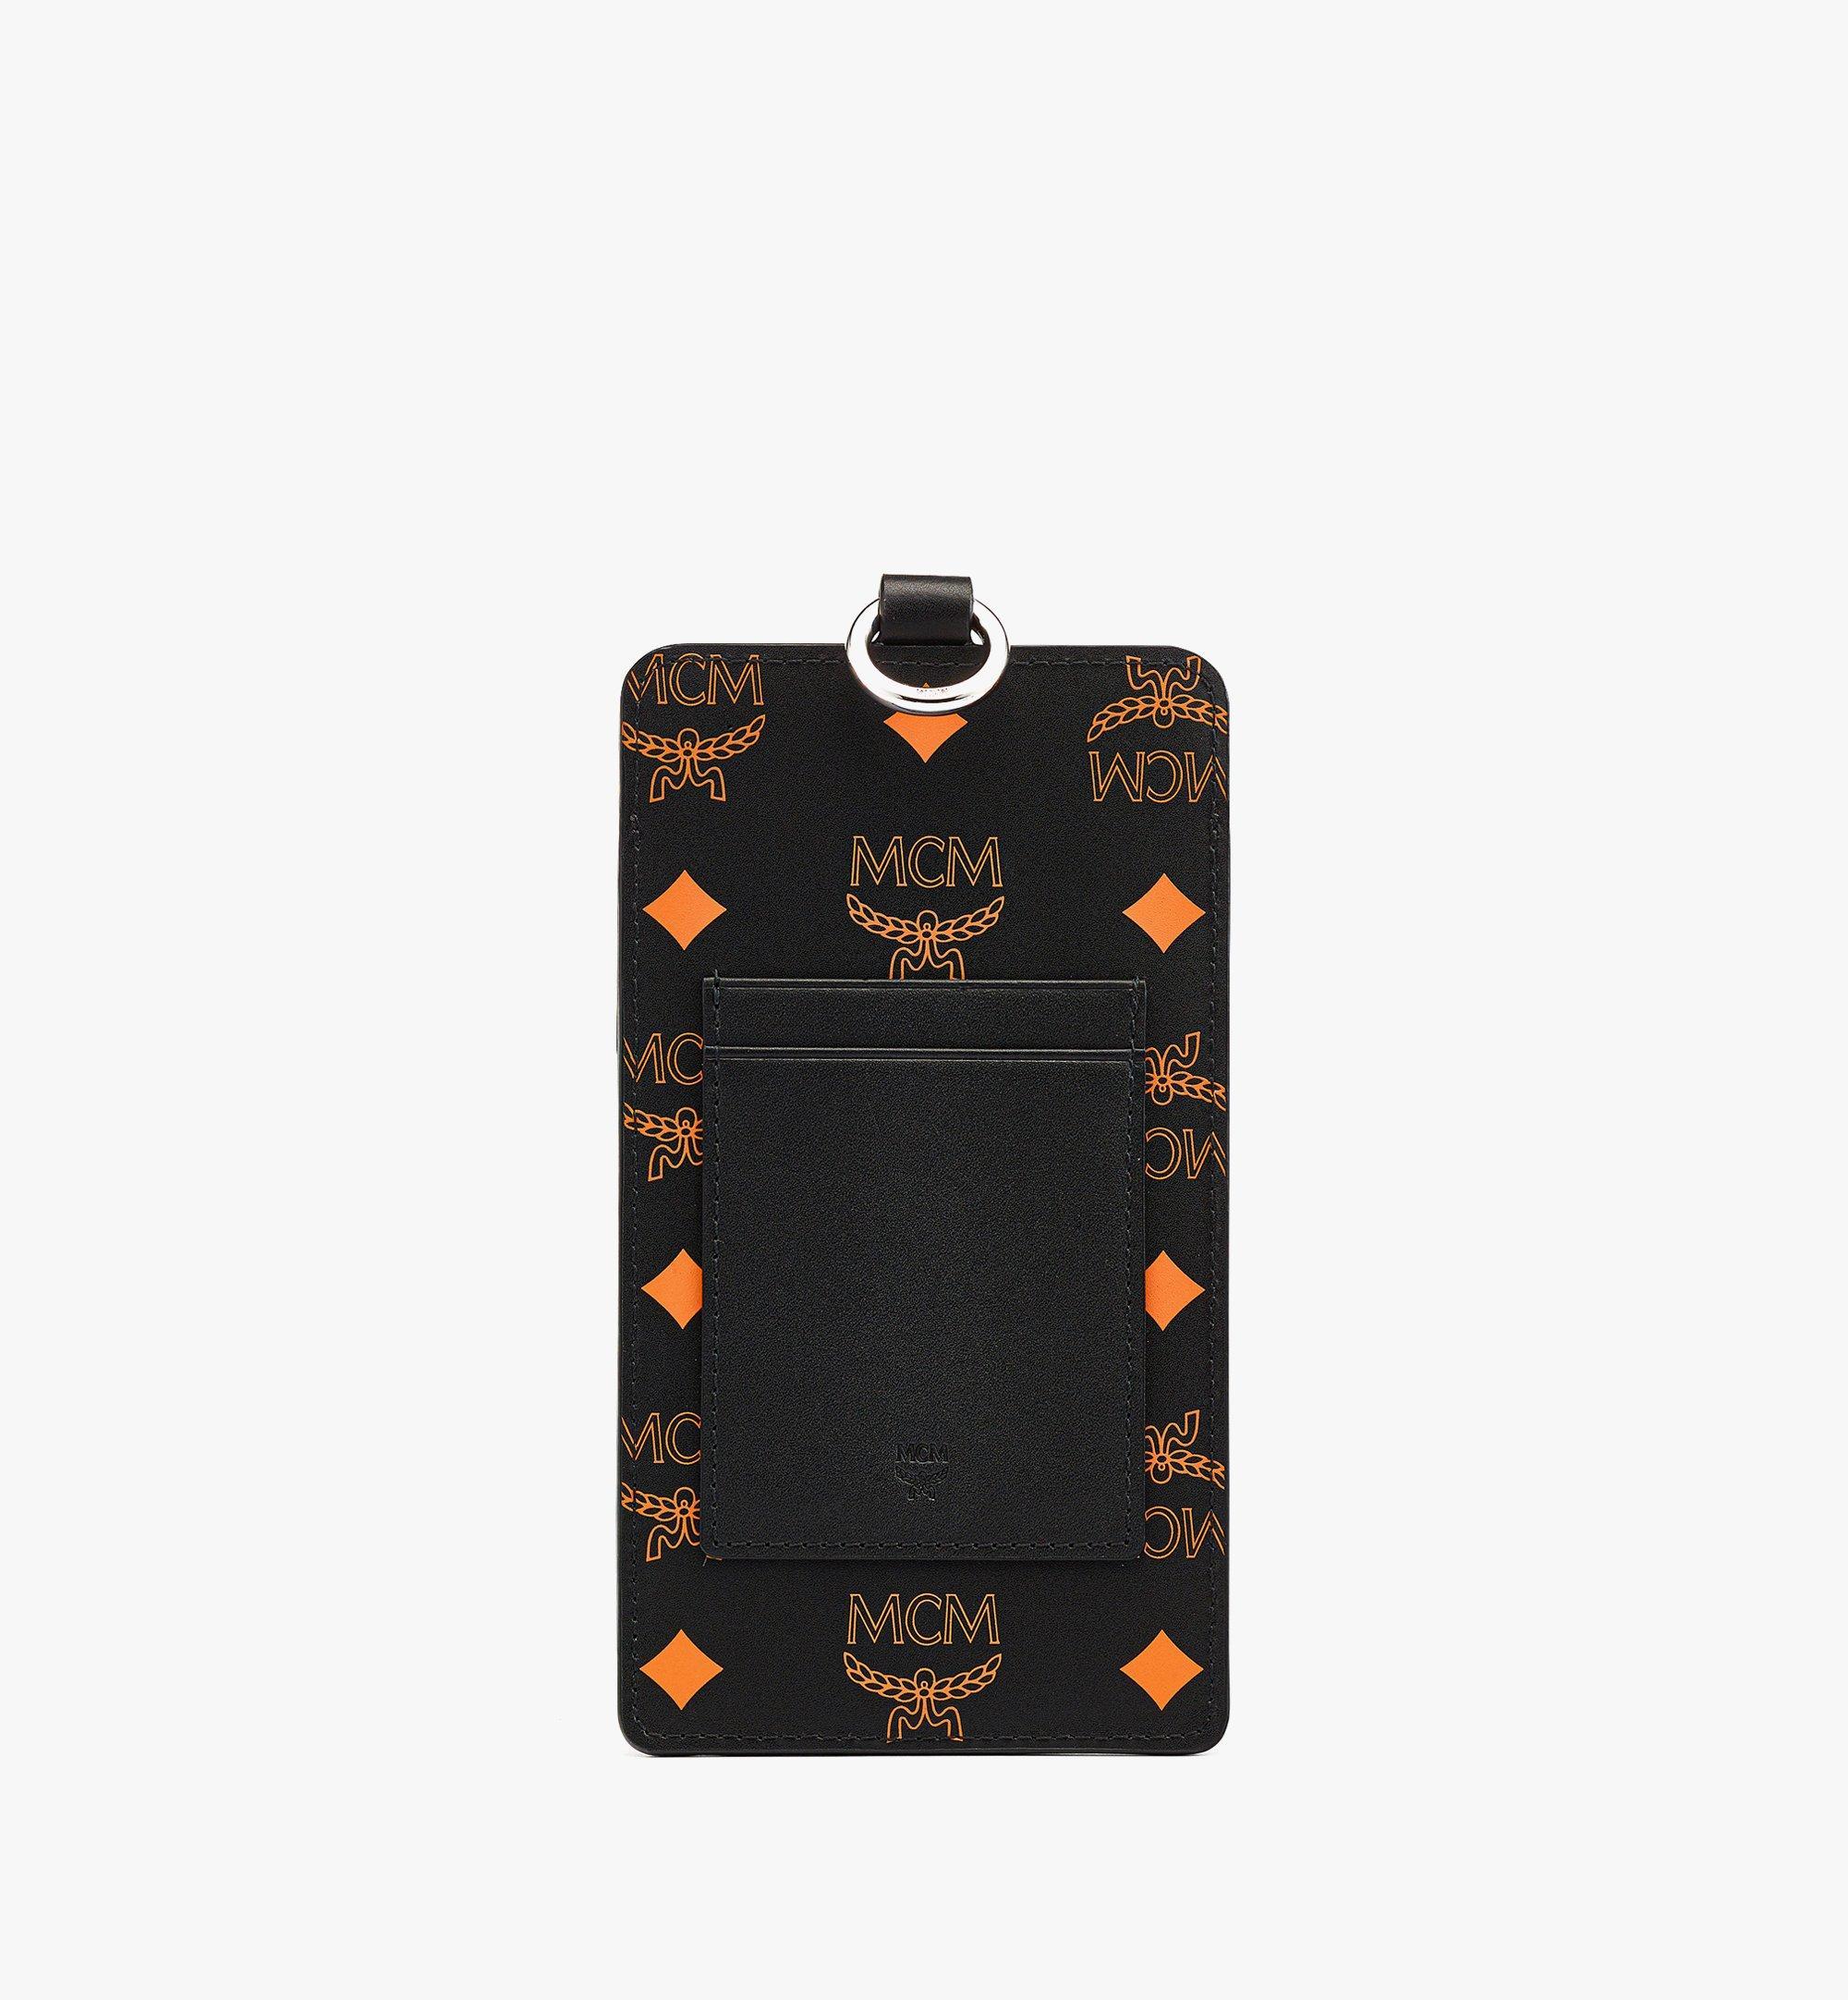 MCM 컬러 스플래시 로고 레더 랜야드 폰 케이스 Orange MXZBASX05O9001 다른 각도 보기 2